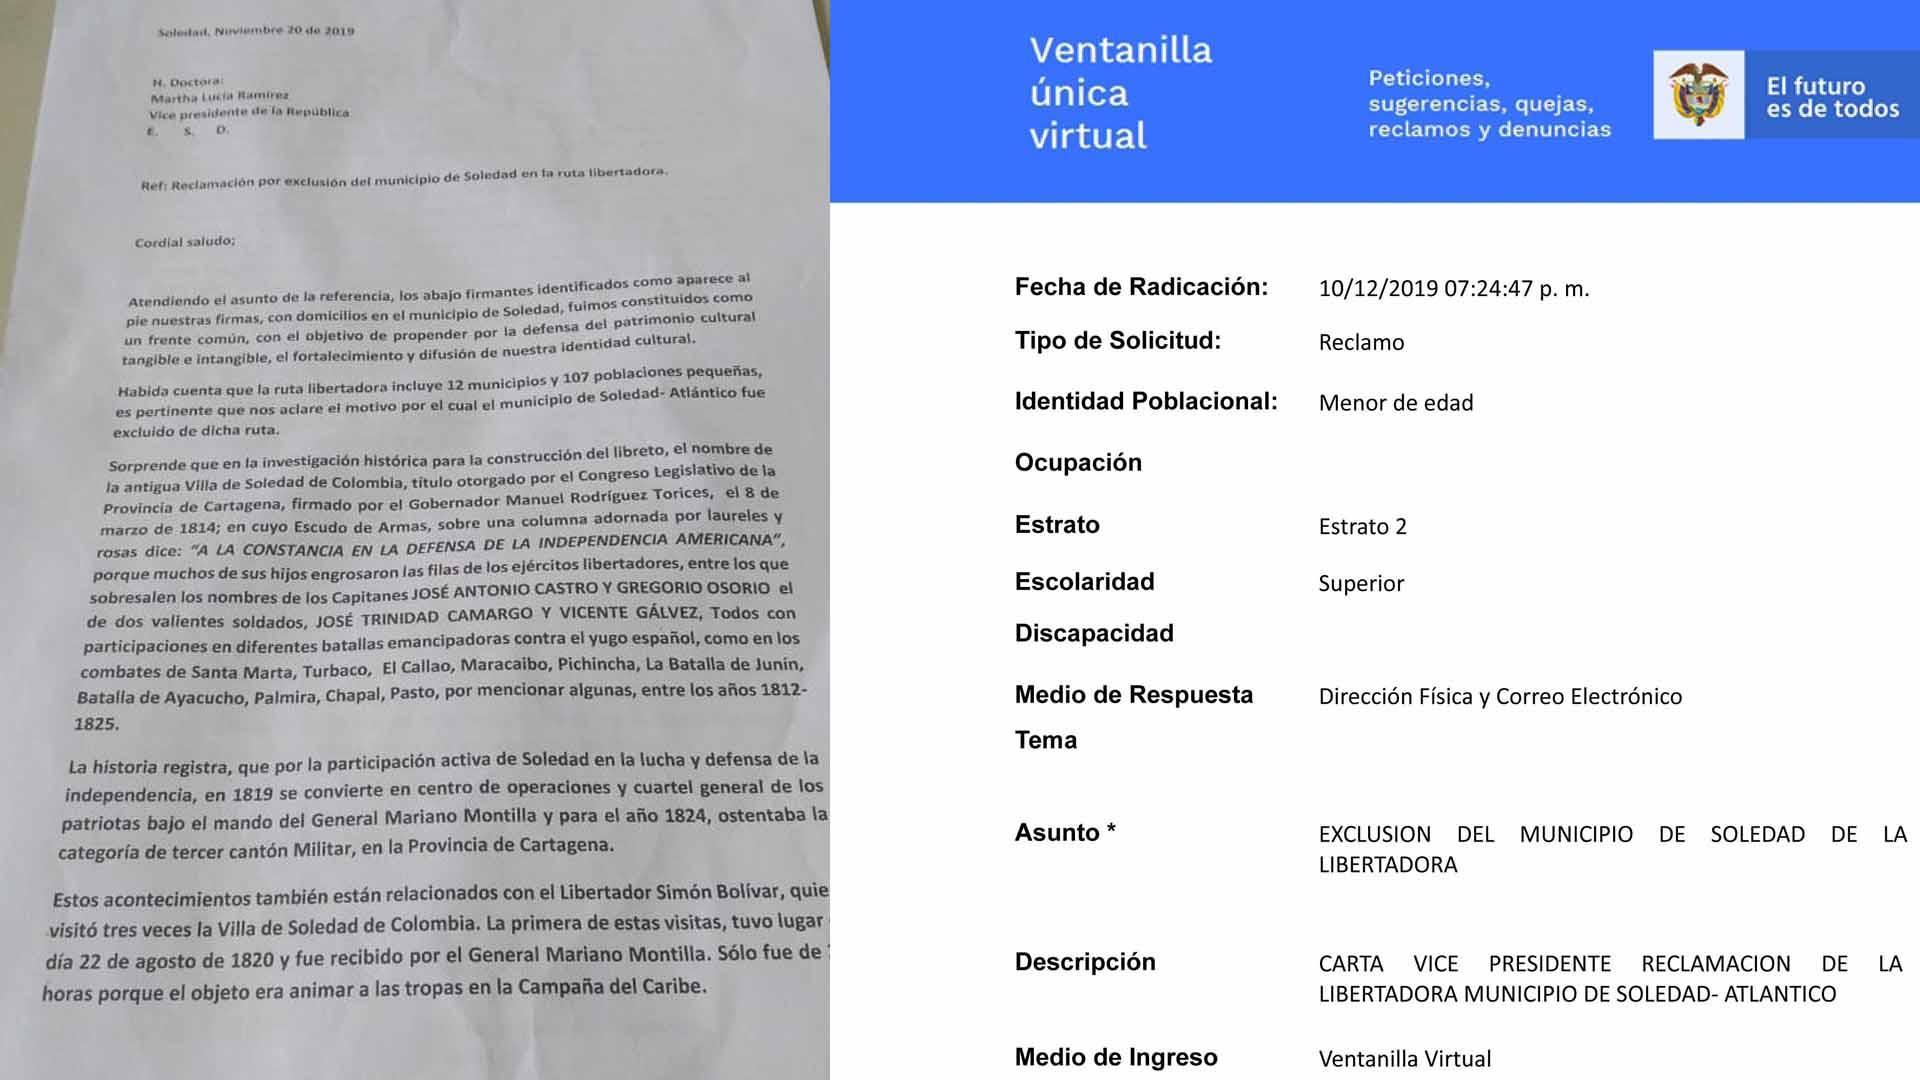 Carta. Esta es la primera de las 4 páginas que tiene la misiva dirigida a la vicepresidenta Marta Lucía Ramírez, en la que reclaman la exclusión de Soledad. Radicado.  El documento fue enviado a través de la ventanilla única virtual de la Vicepresidencia, el 10 de diciembre. La solicitud fue presentada como un reclamo.